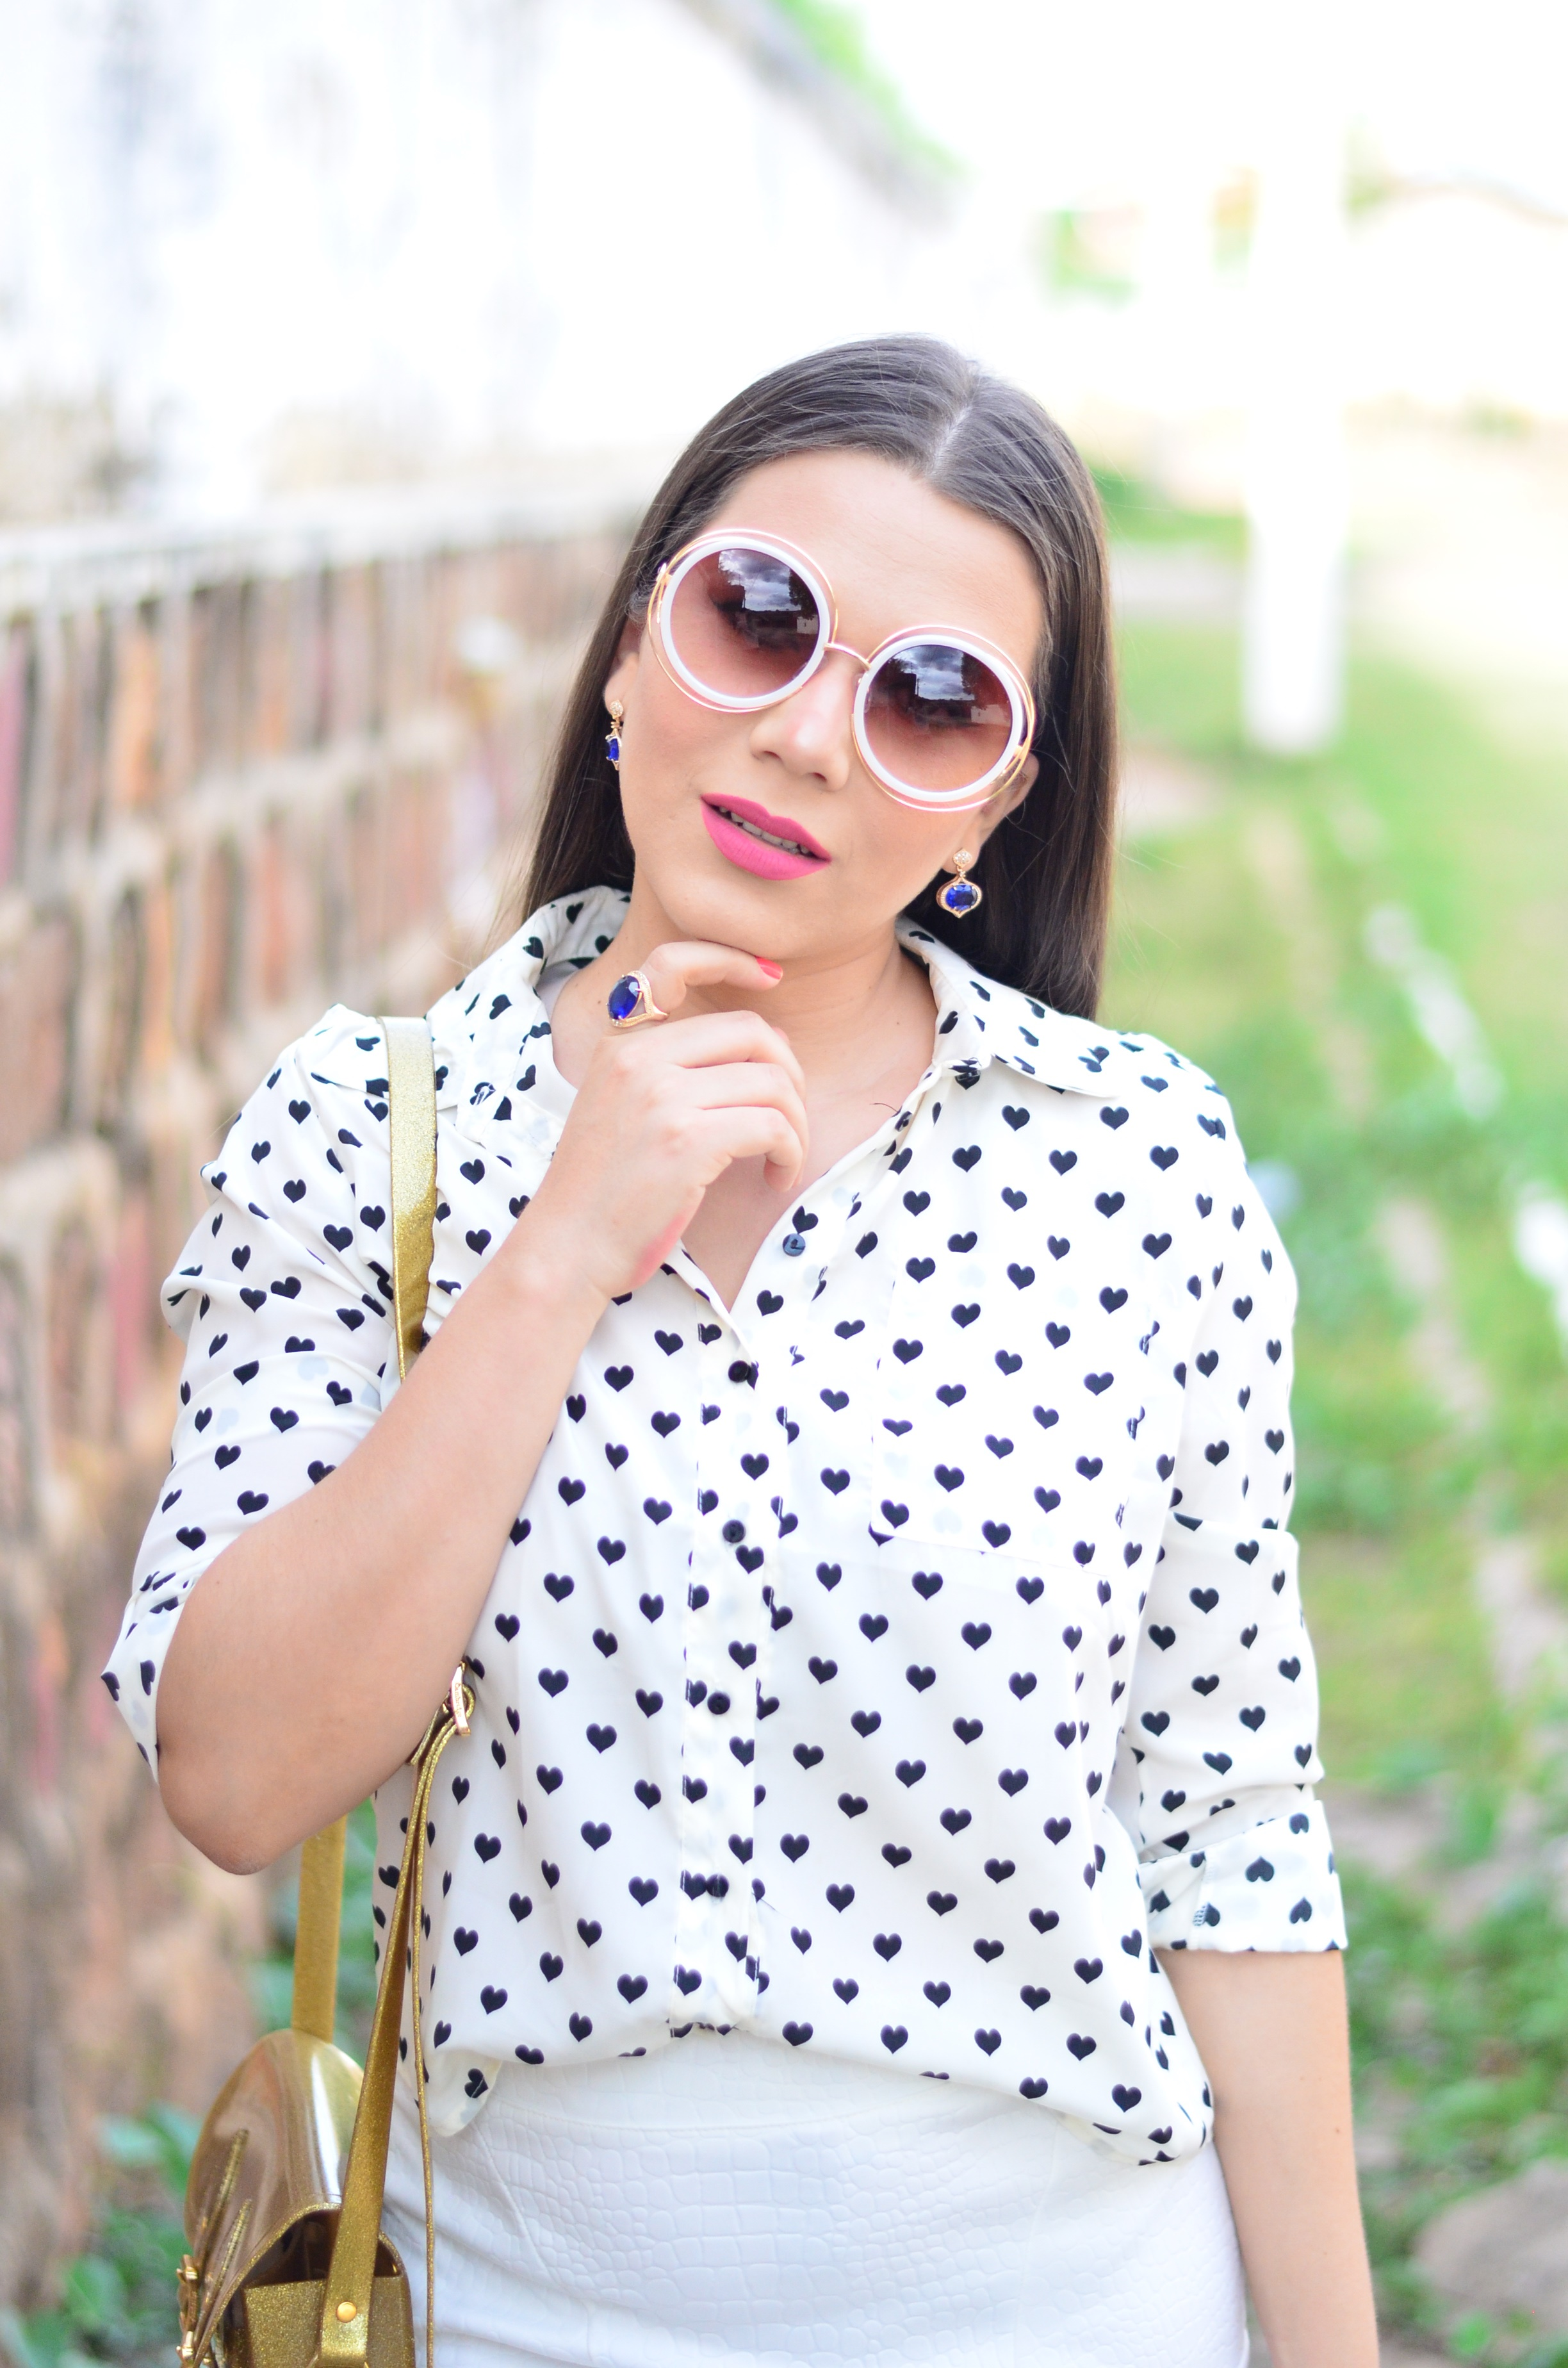 look-saia-e-camisa-branca-com-oculos-inspiracao-chloe-17